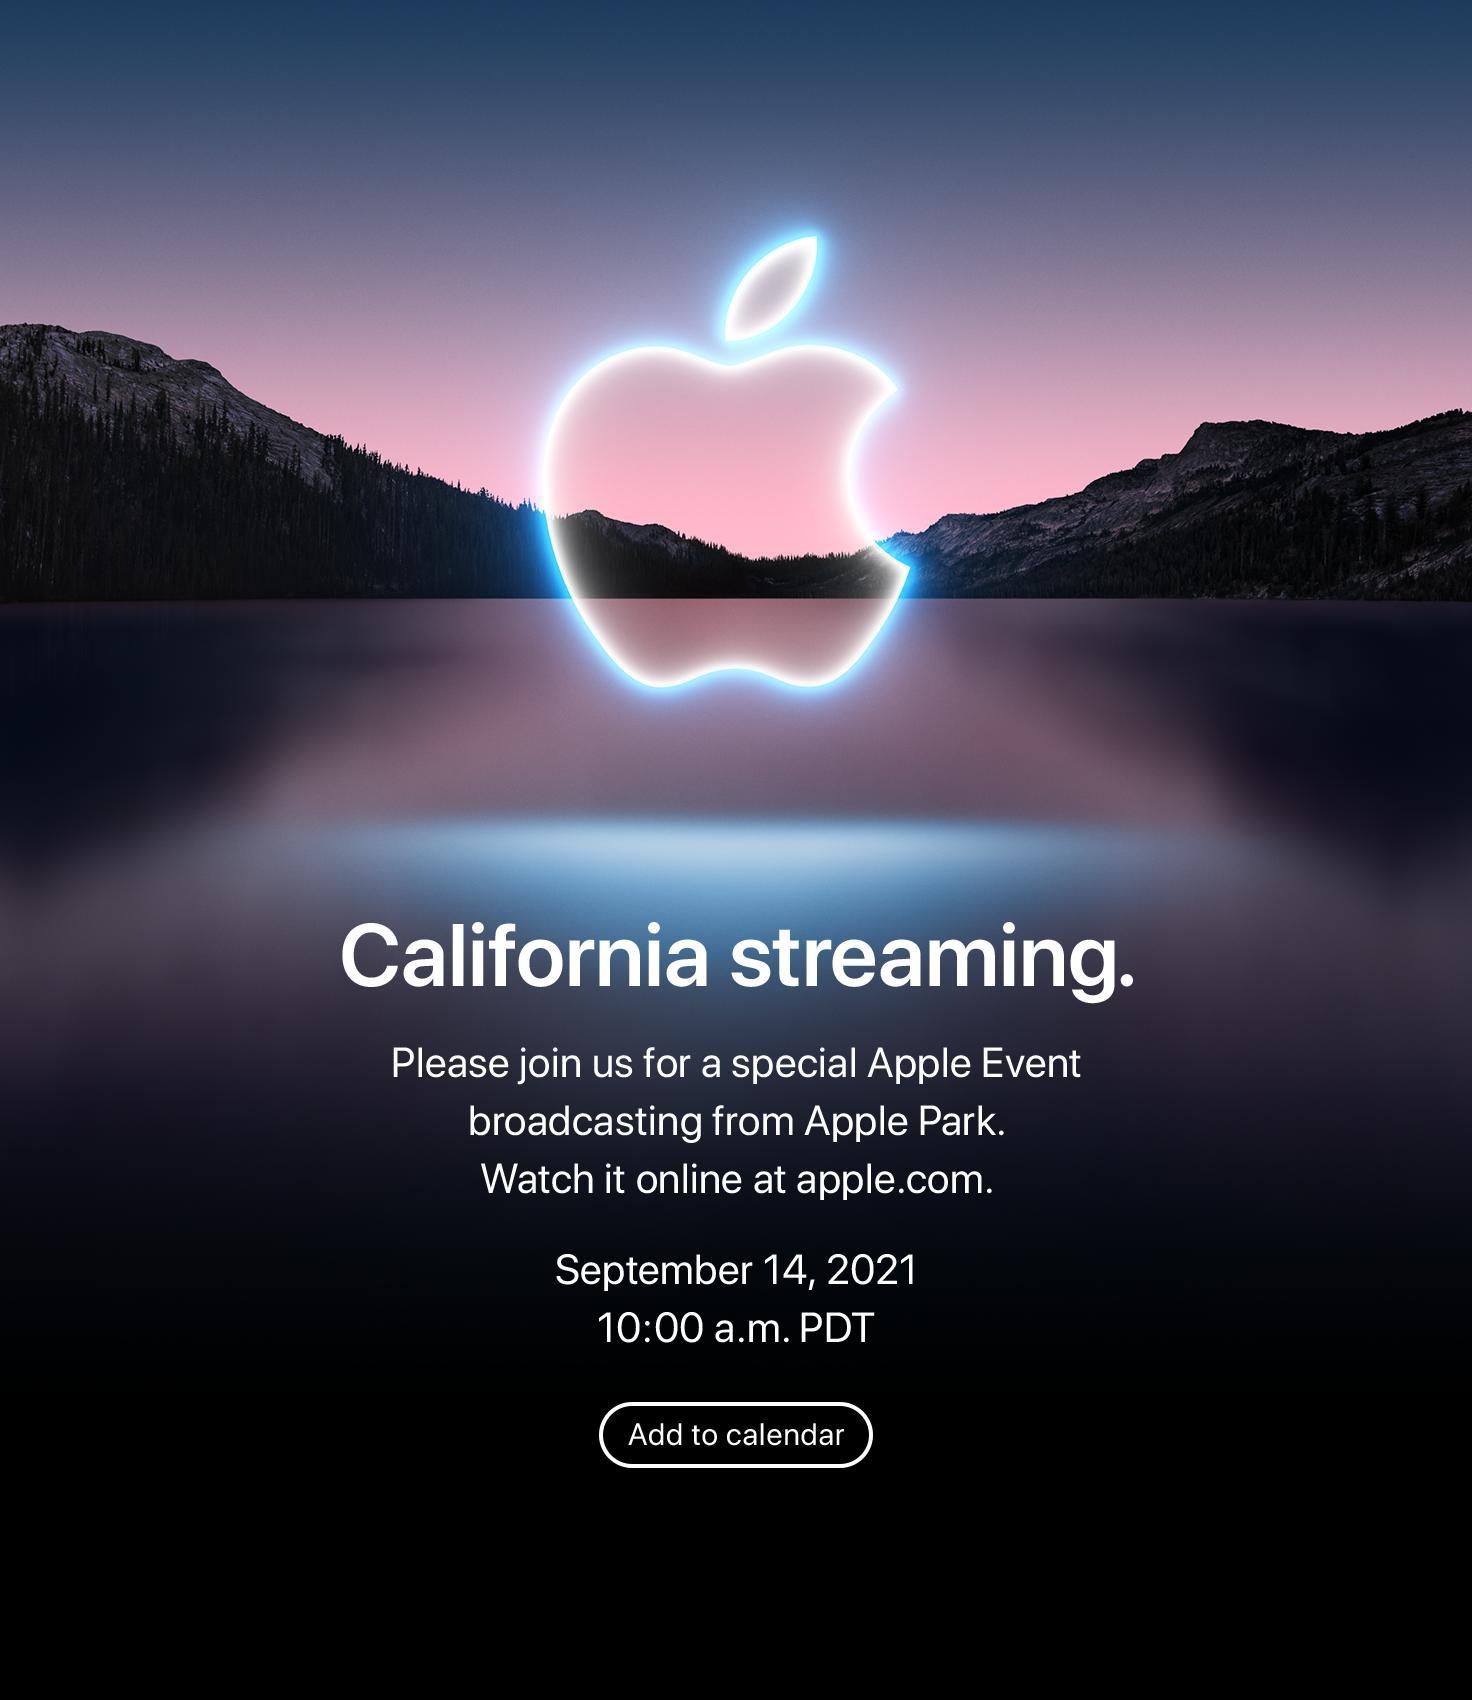 Slik ser hele invitasjonen ut. Alle kan titte på via Apple.com.